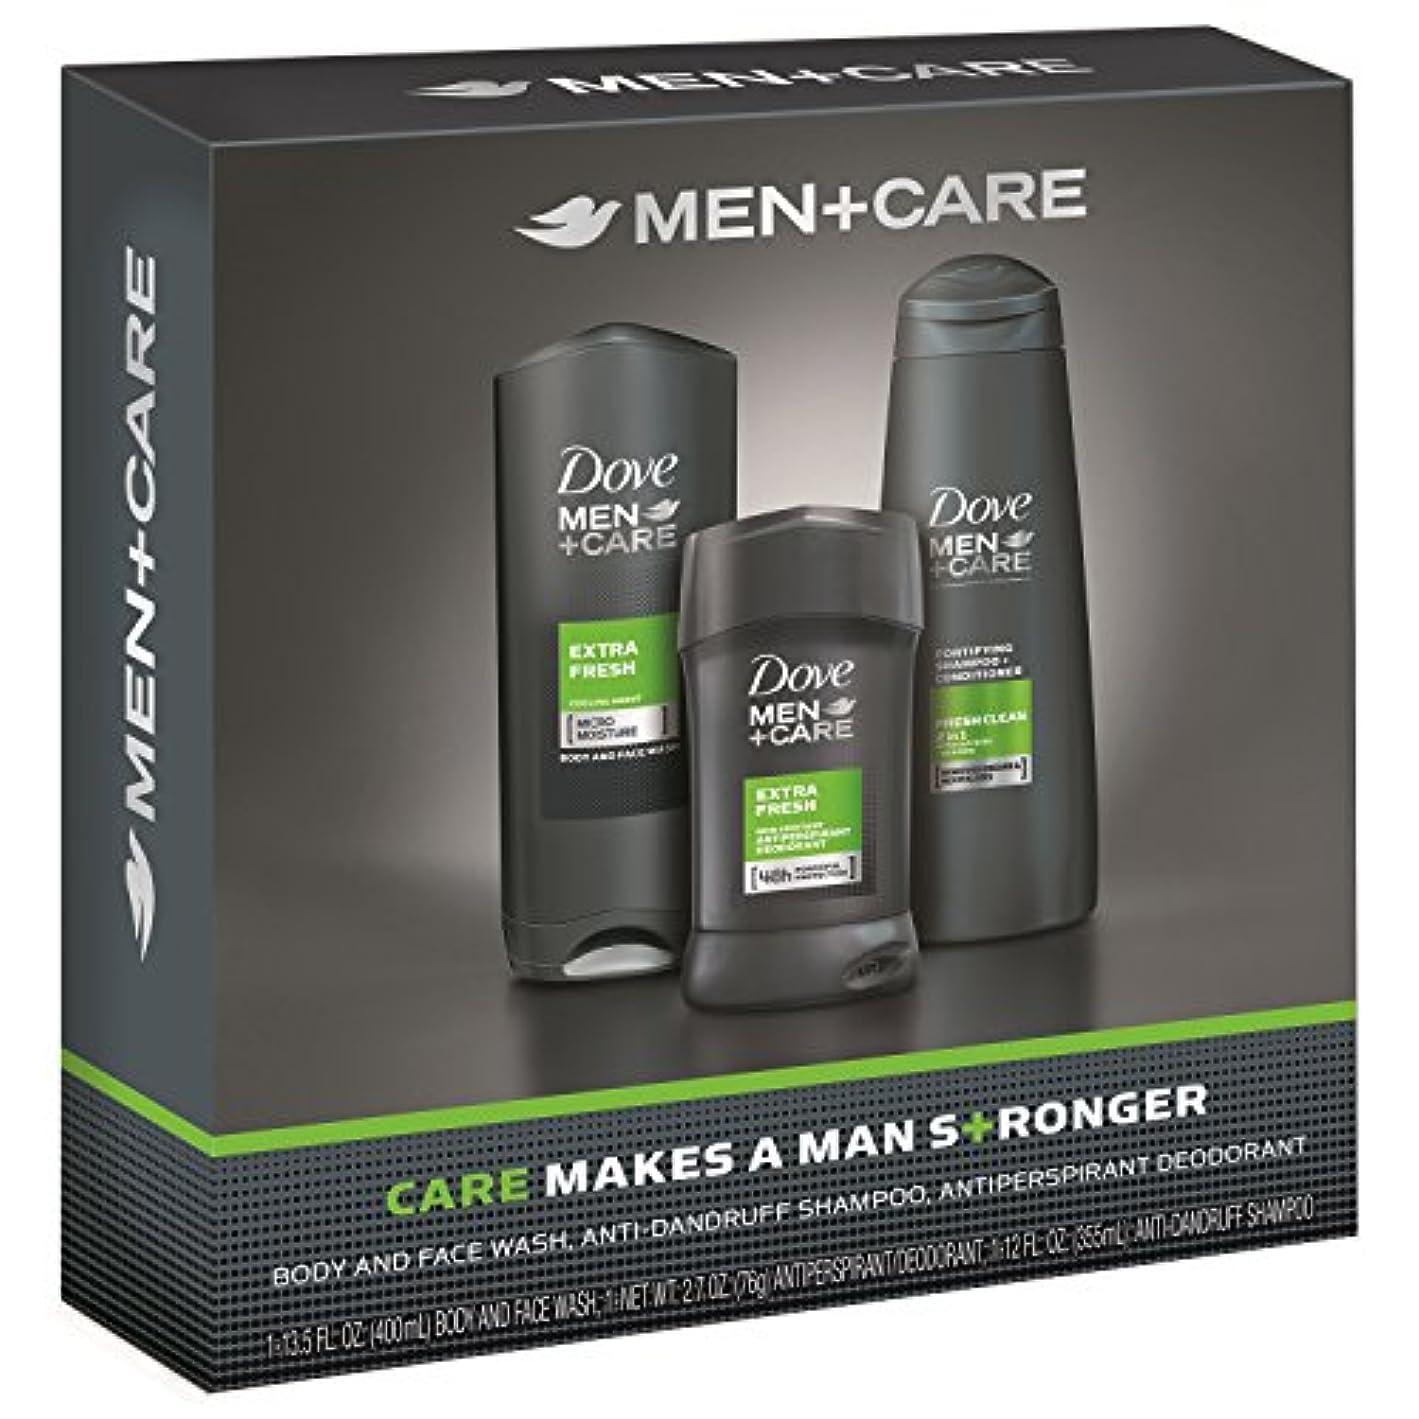 揮発性求人担当者Dove Men+Care Gift Pack Extra Fresh ダブ メンプラスケア ギフトパック エクストラフレッシュ